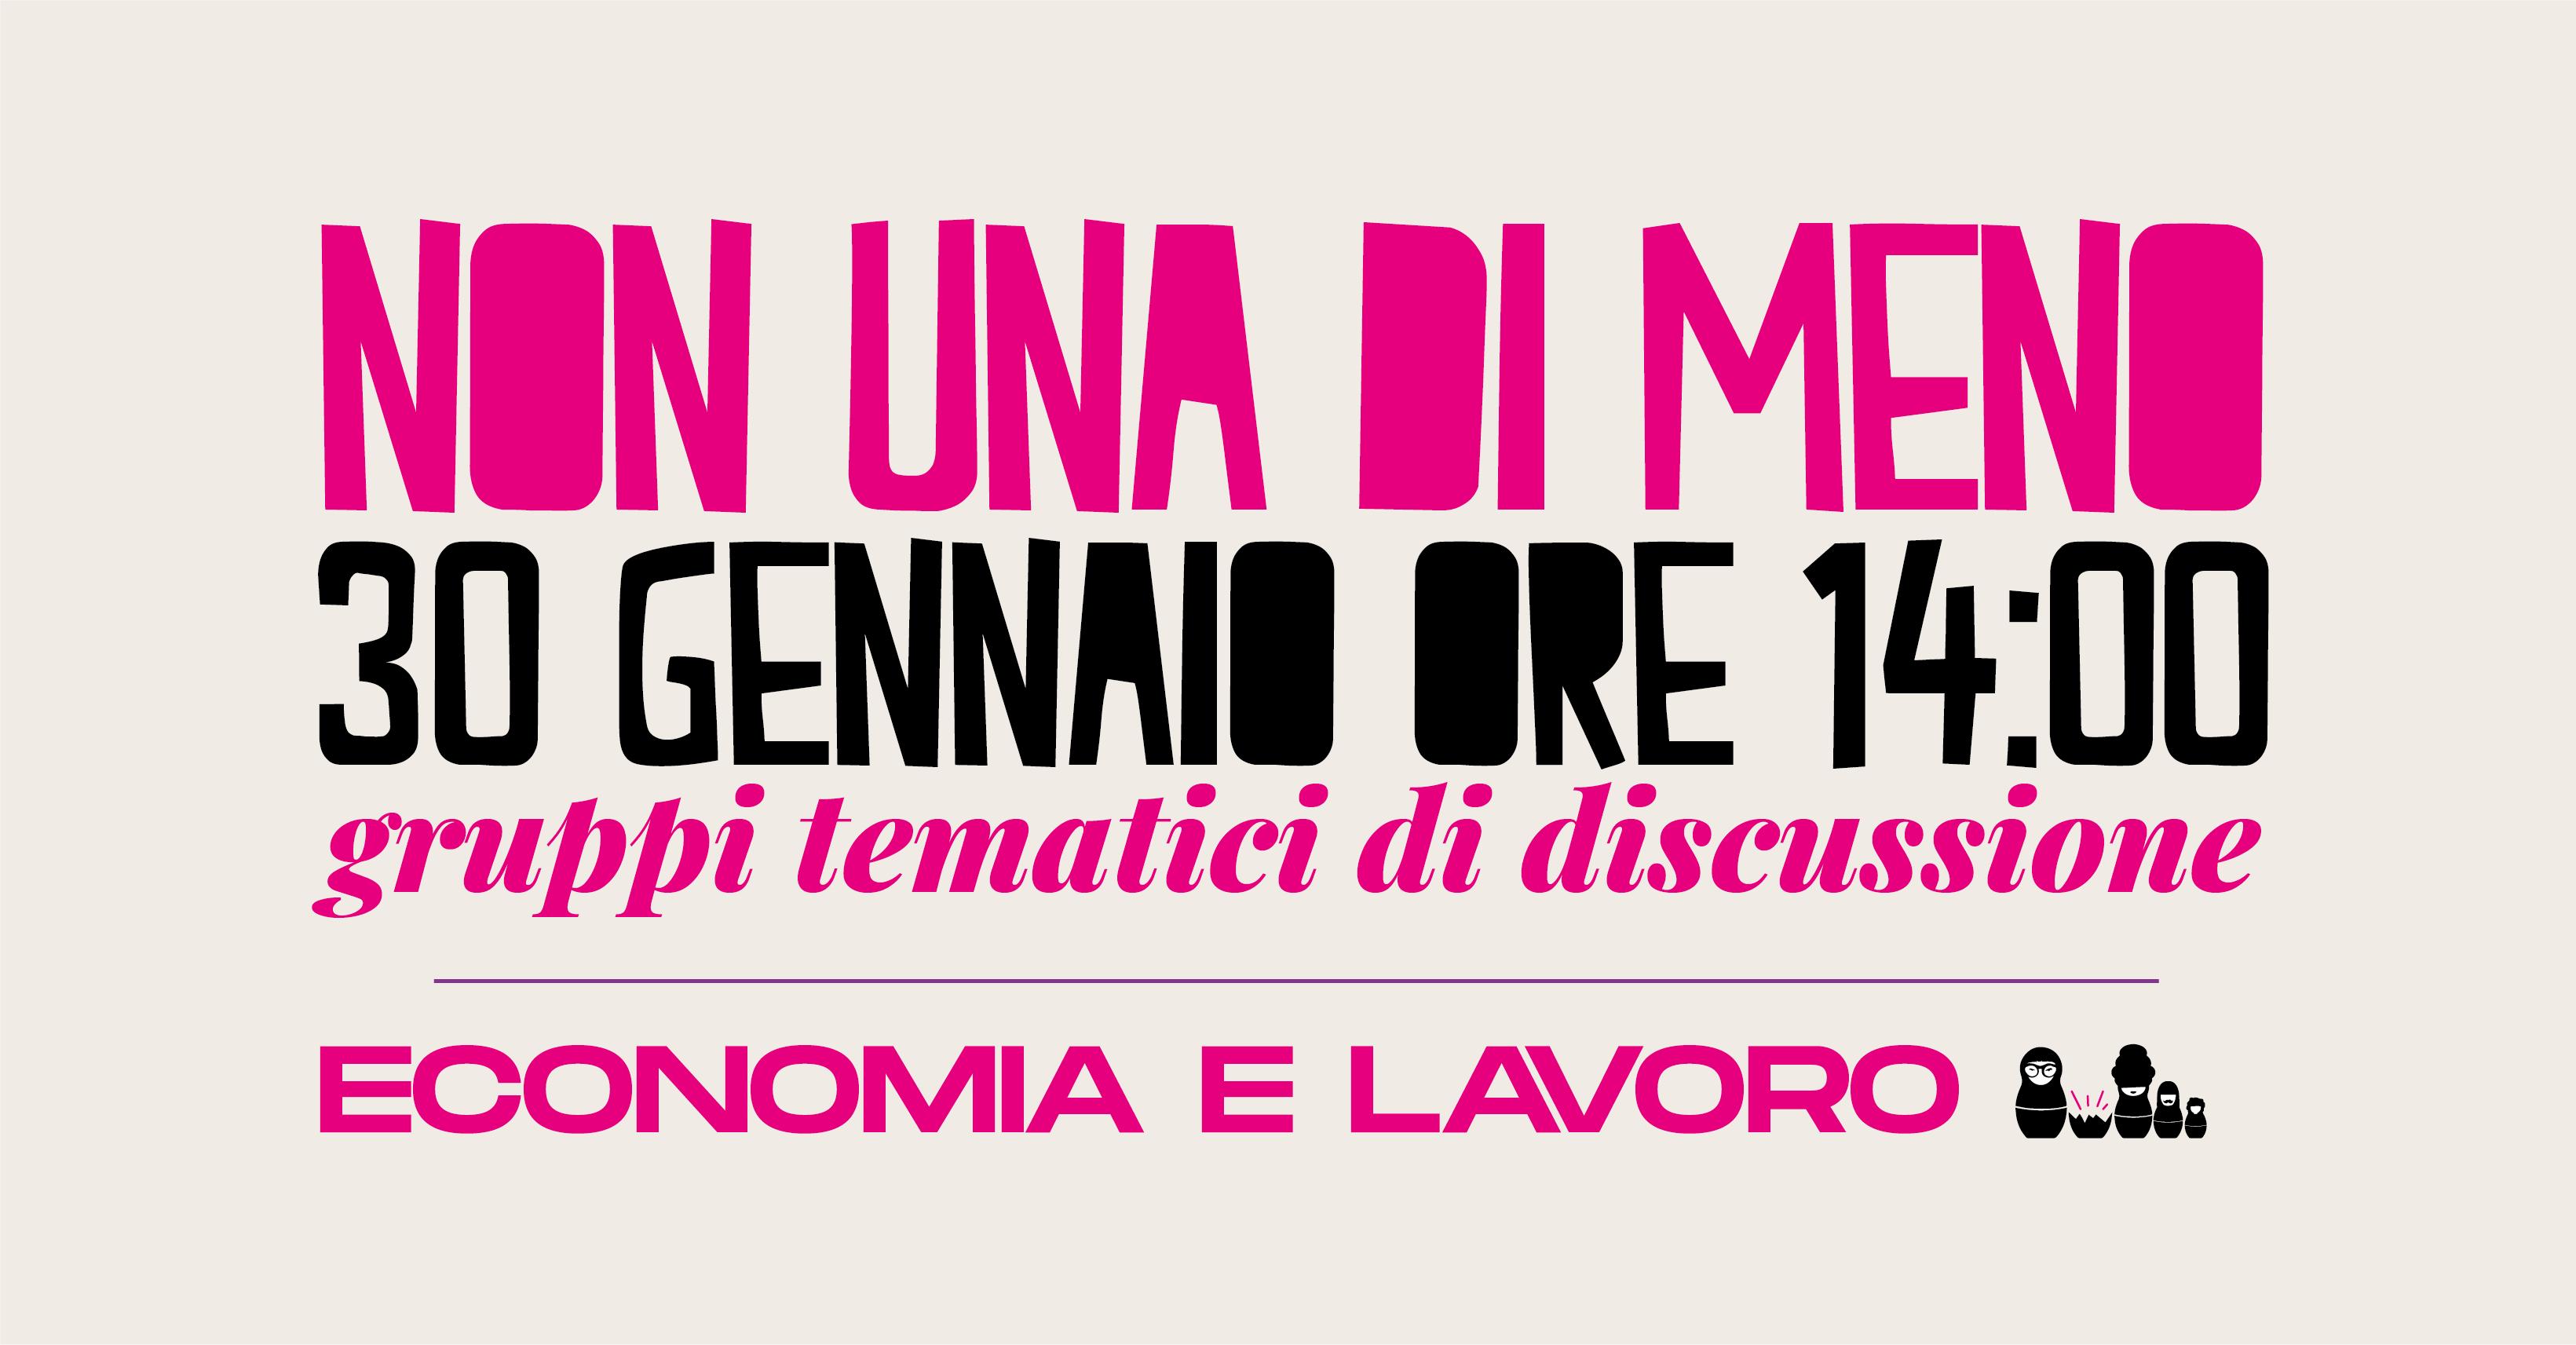 nudm_nazionale_tavolo_economia_30-31_gen_2021_cover_pagina_fb@2x